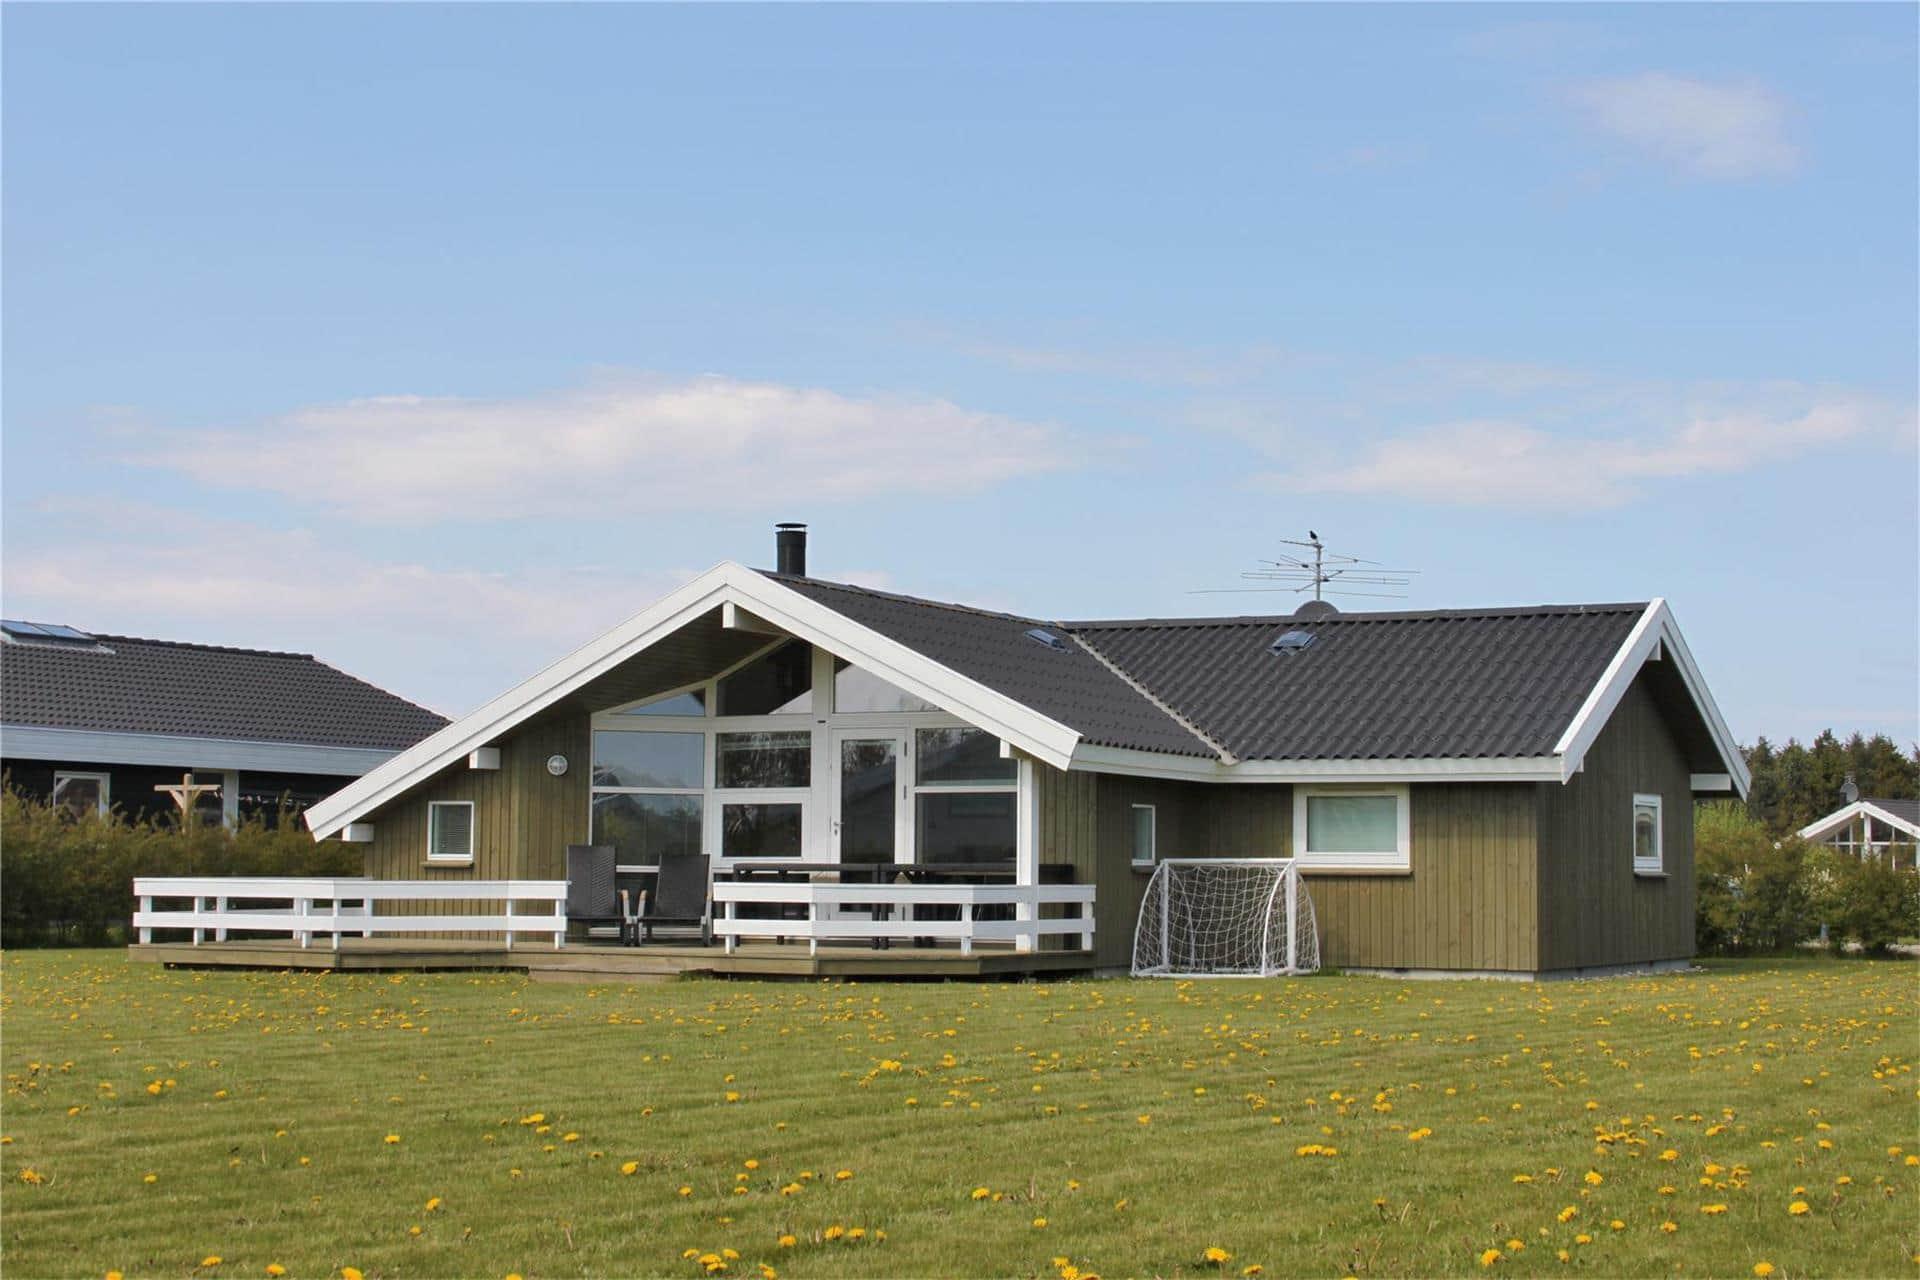 Afbeelding 1-3 Vakantiehuis M645580, Strandparken 25, DK - 5450 Otterup